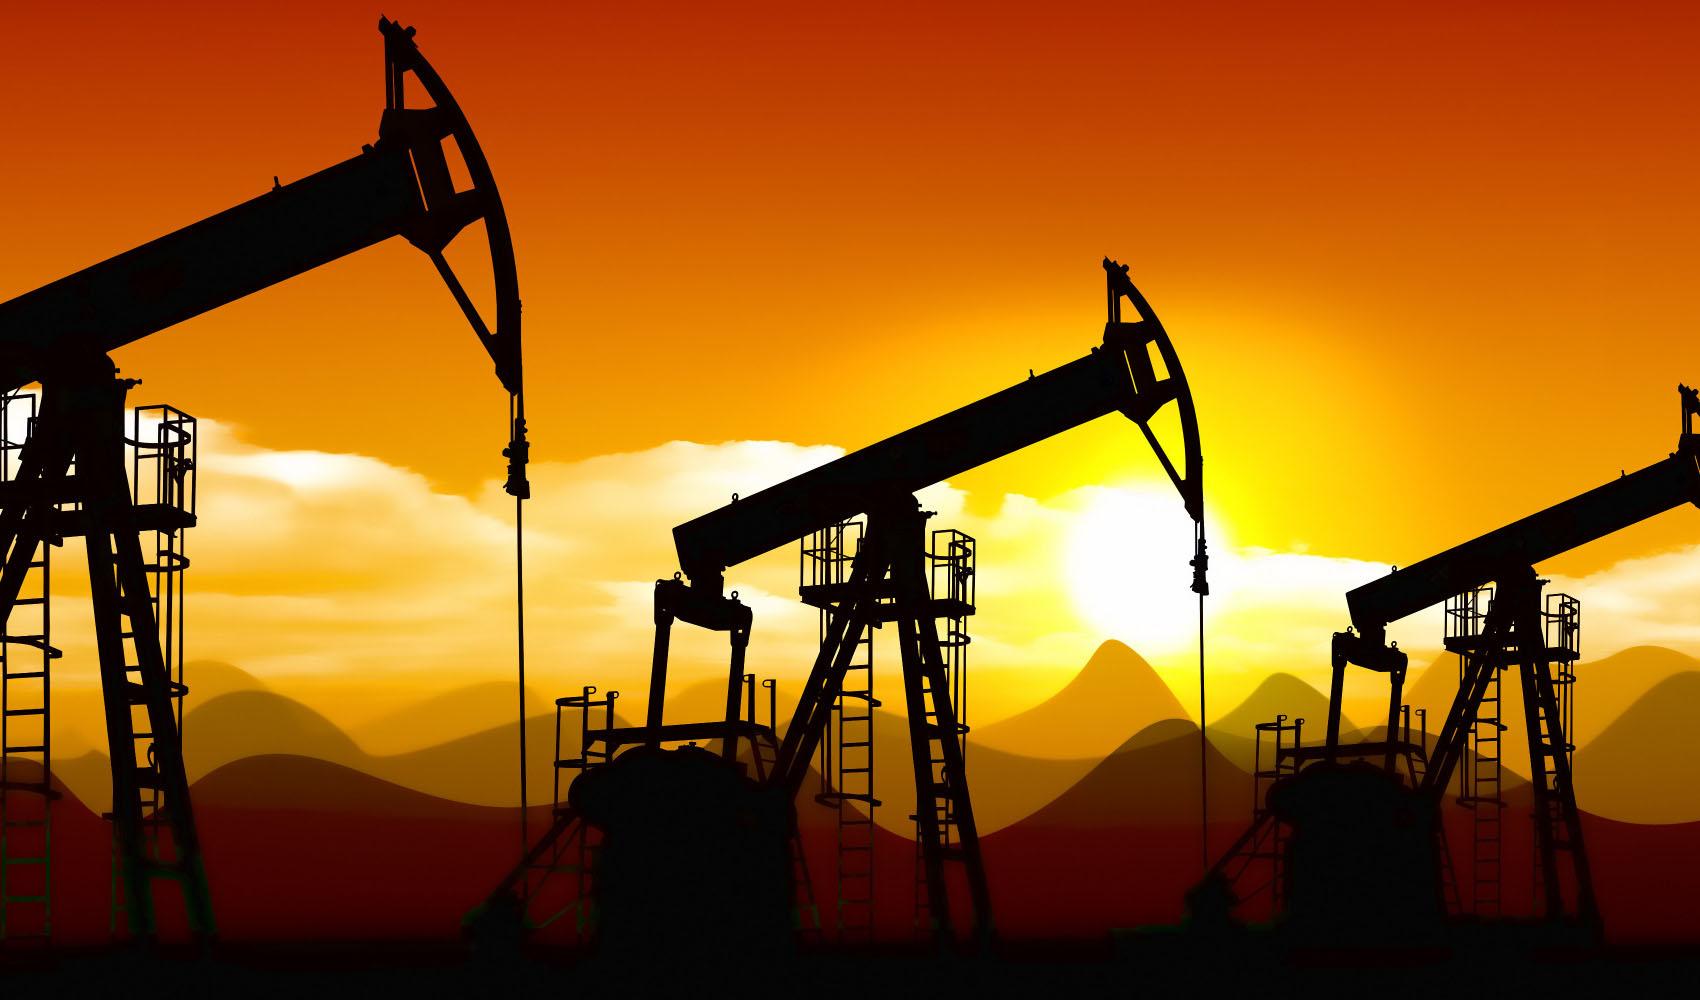 کاهش دکلهای نفتی آمریکا برای سومین هفته متوالی